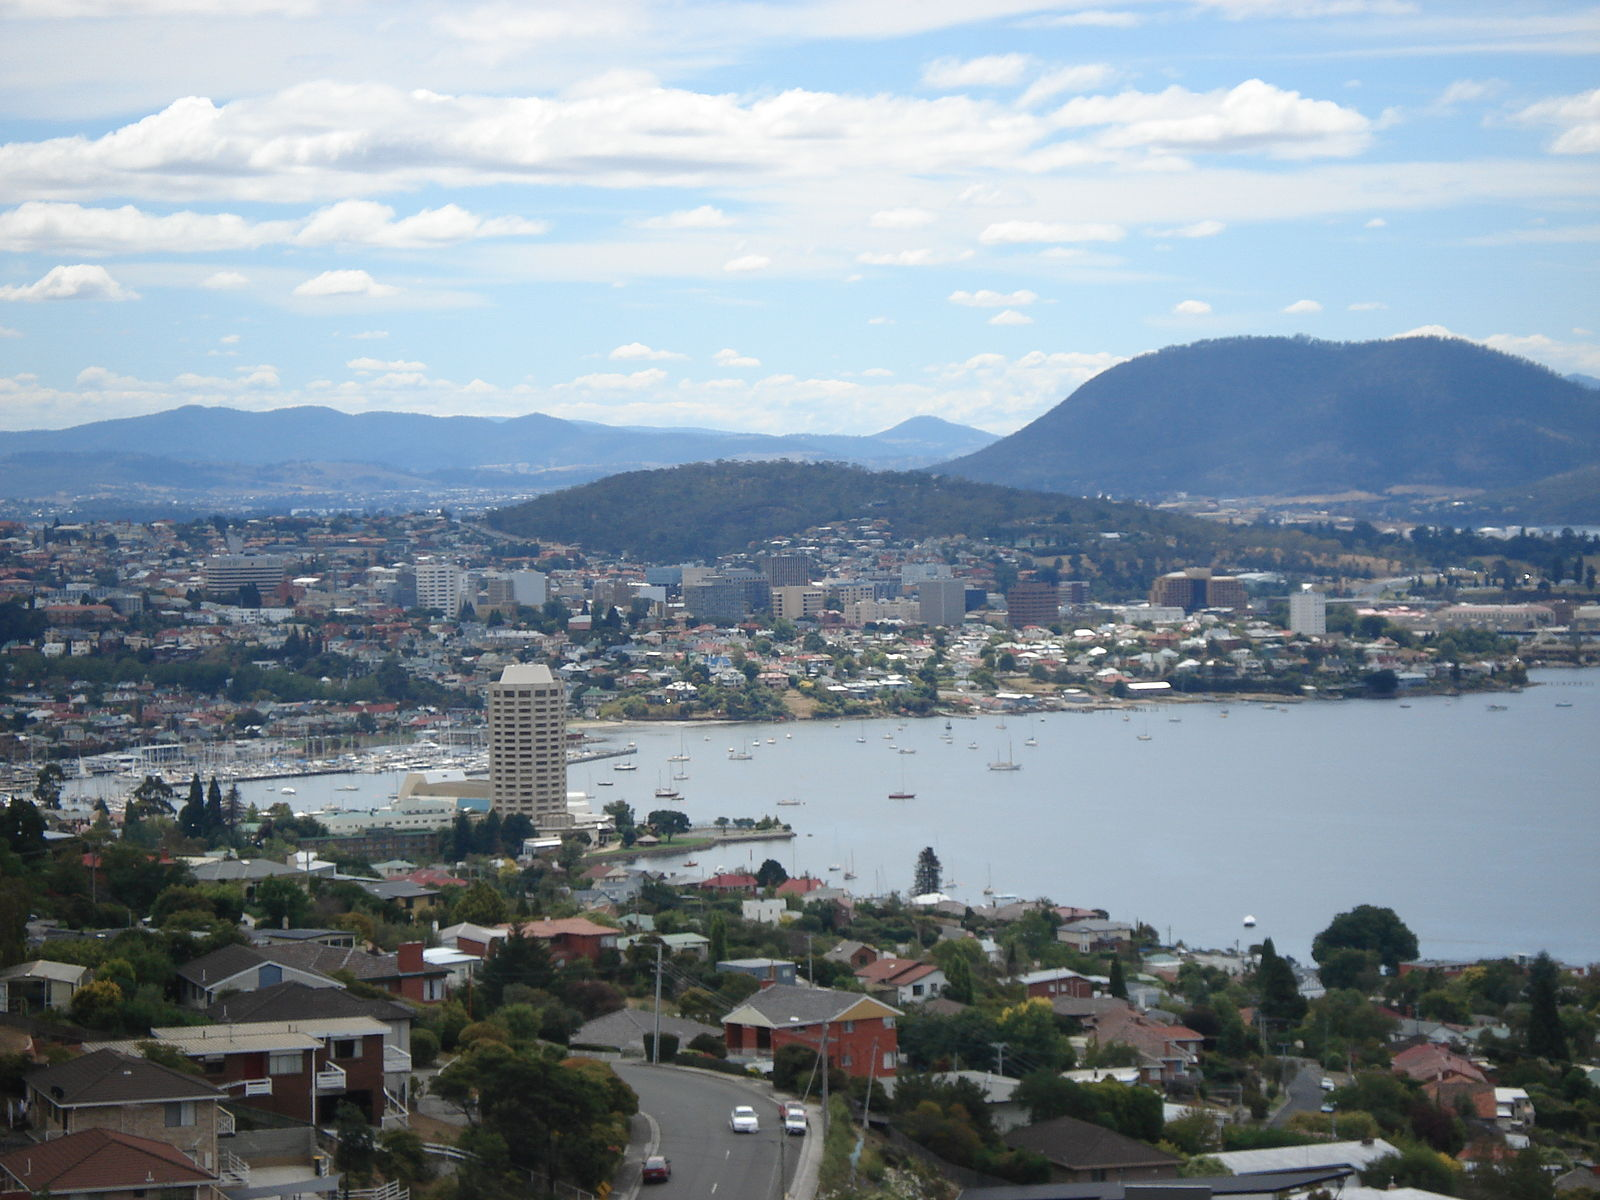 Hobart property market predictions 2018